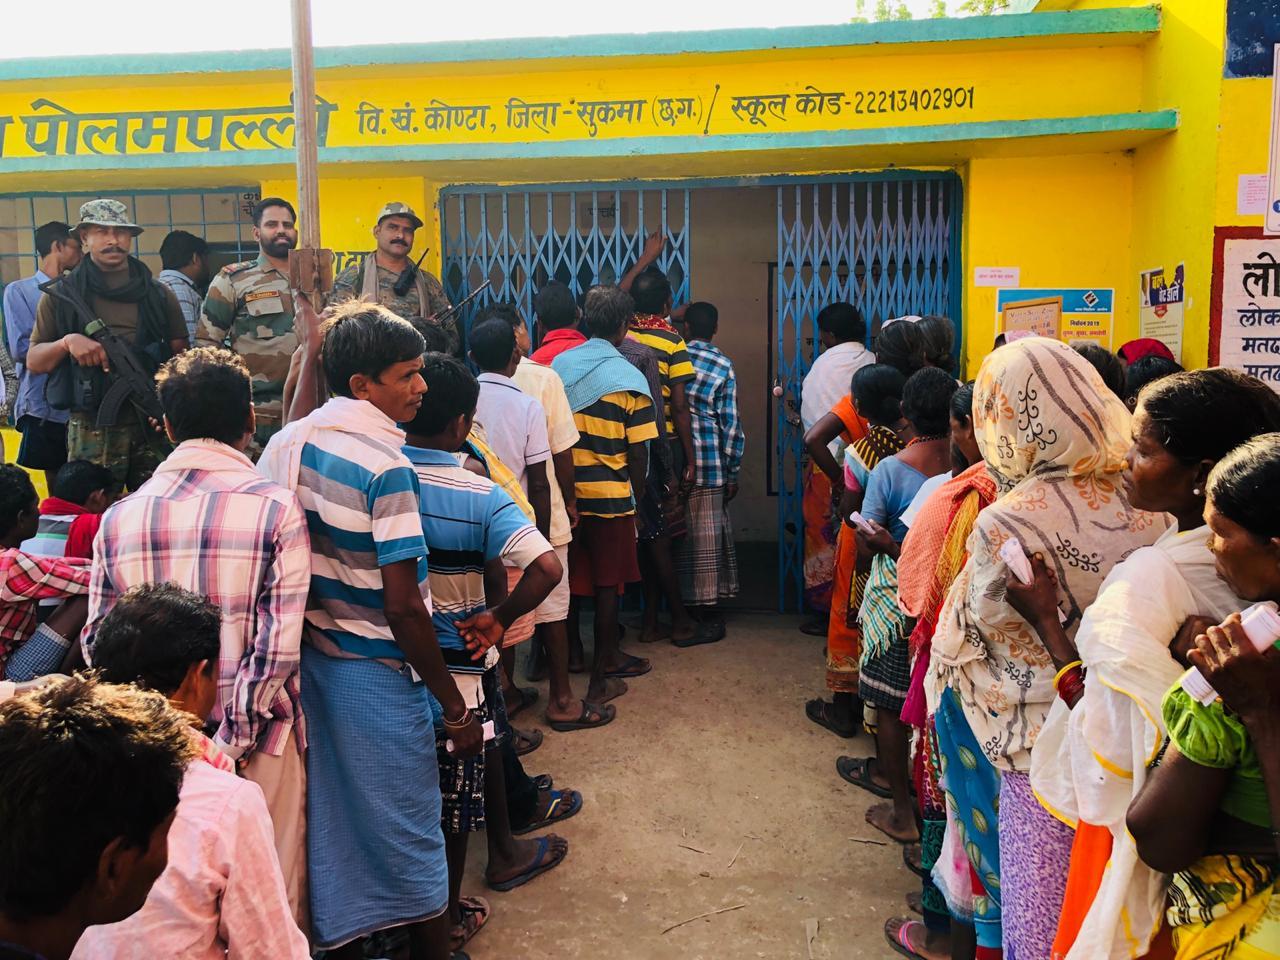 Visuals from polling site in Sukma, Chhattisgarh.